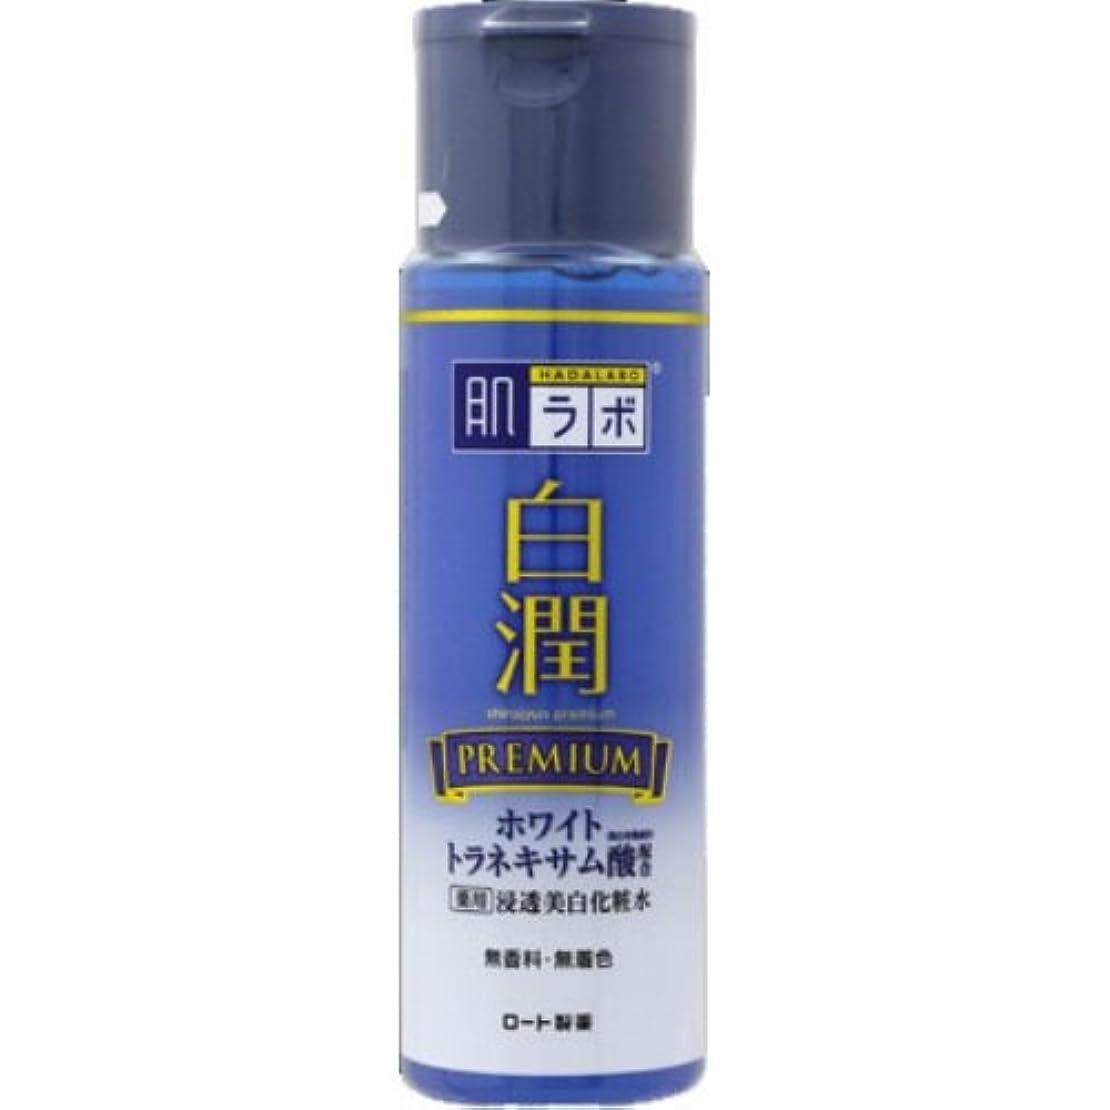 マラドロイトおばあさんペイント肌ラボ 白潤プレミアム 薬用浸透美白化粧水 170mL × 48個セット